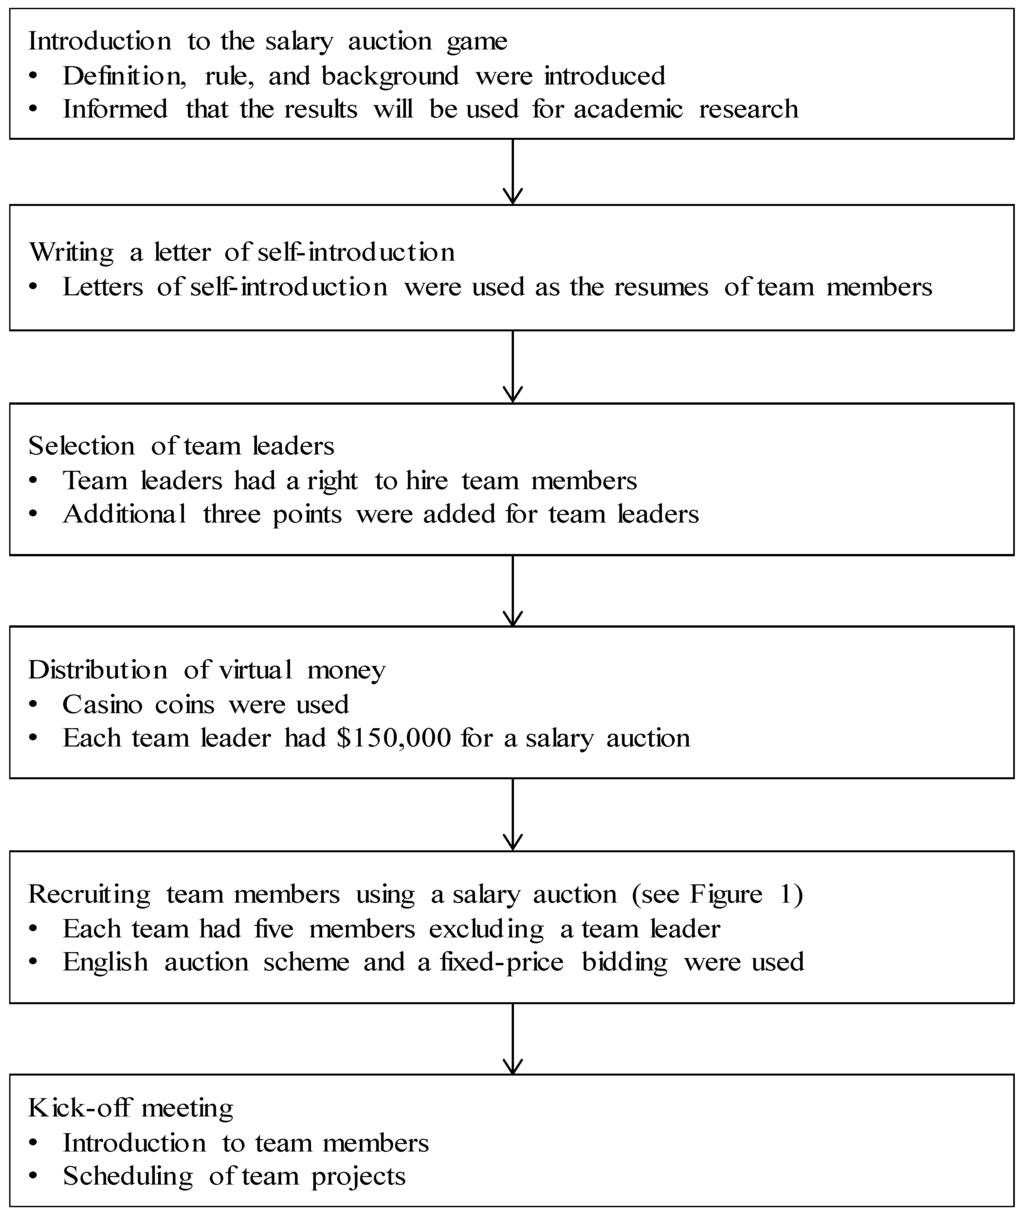 sustainability full text team organization method using sustainability 07 14358 g002 1024